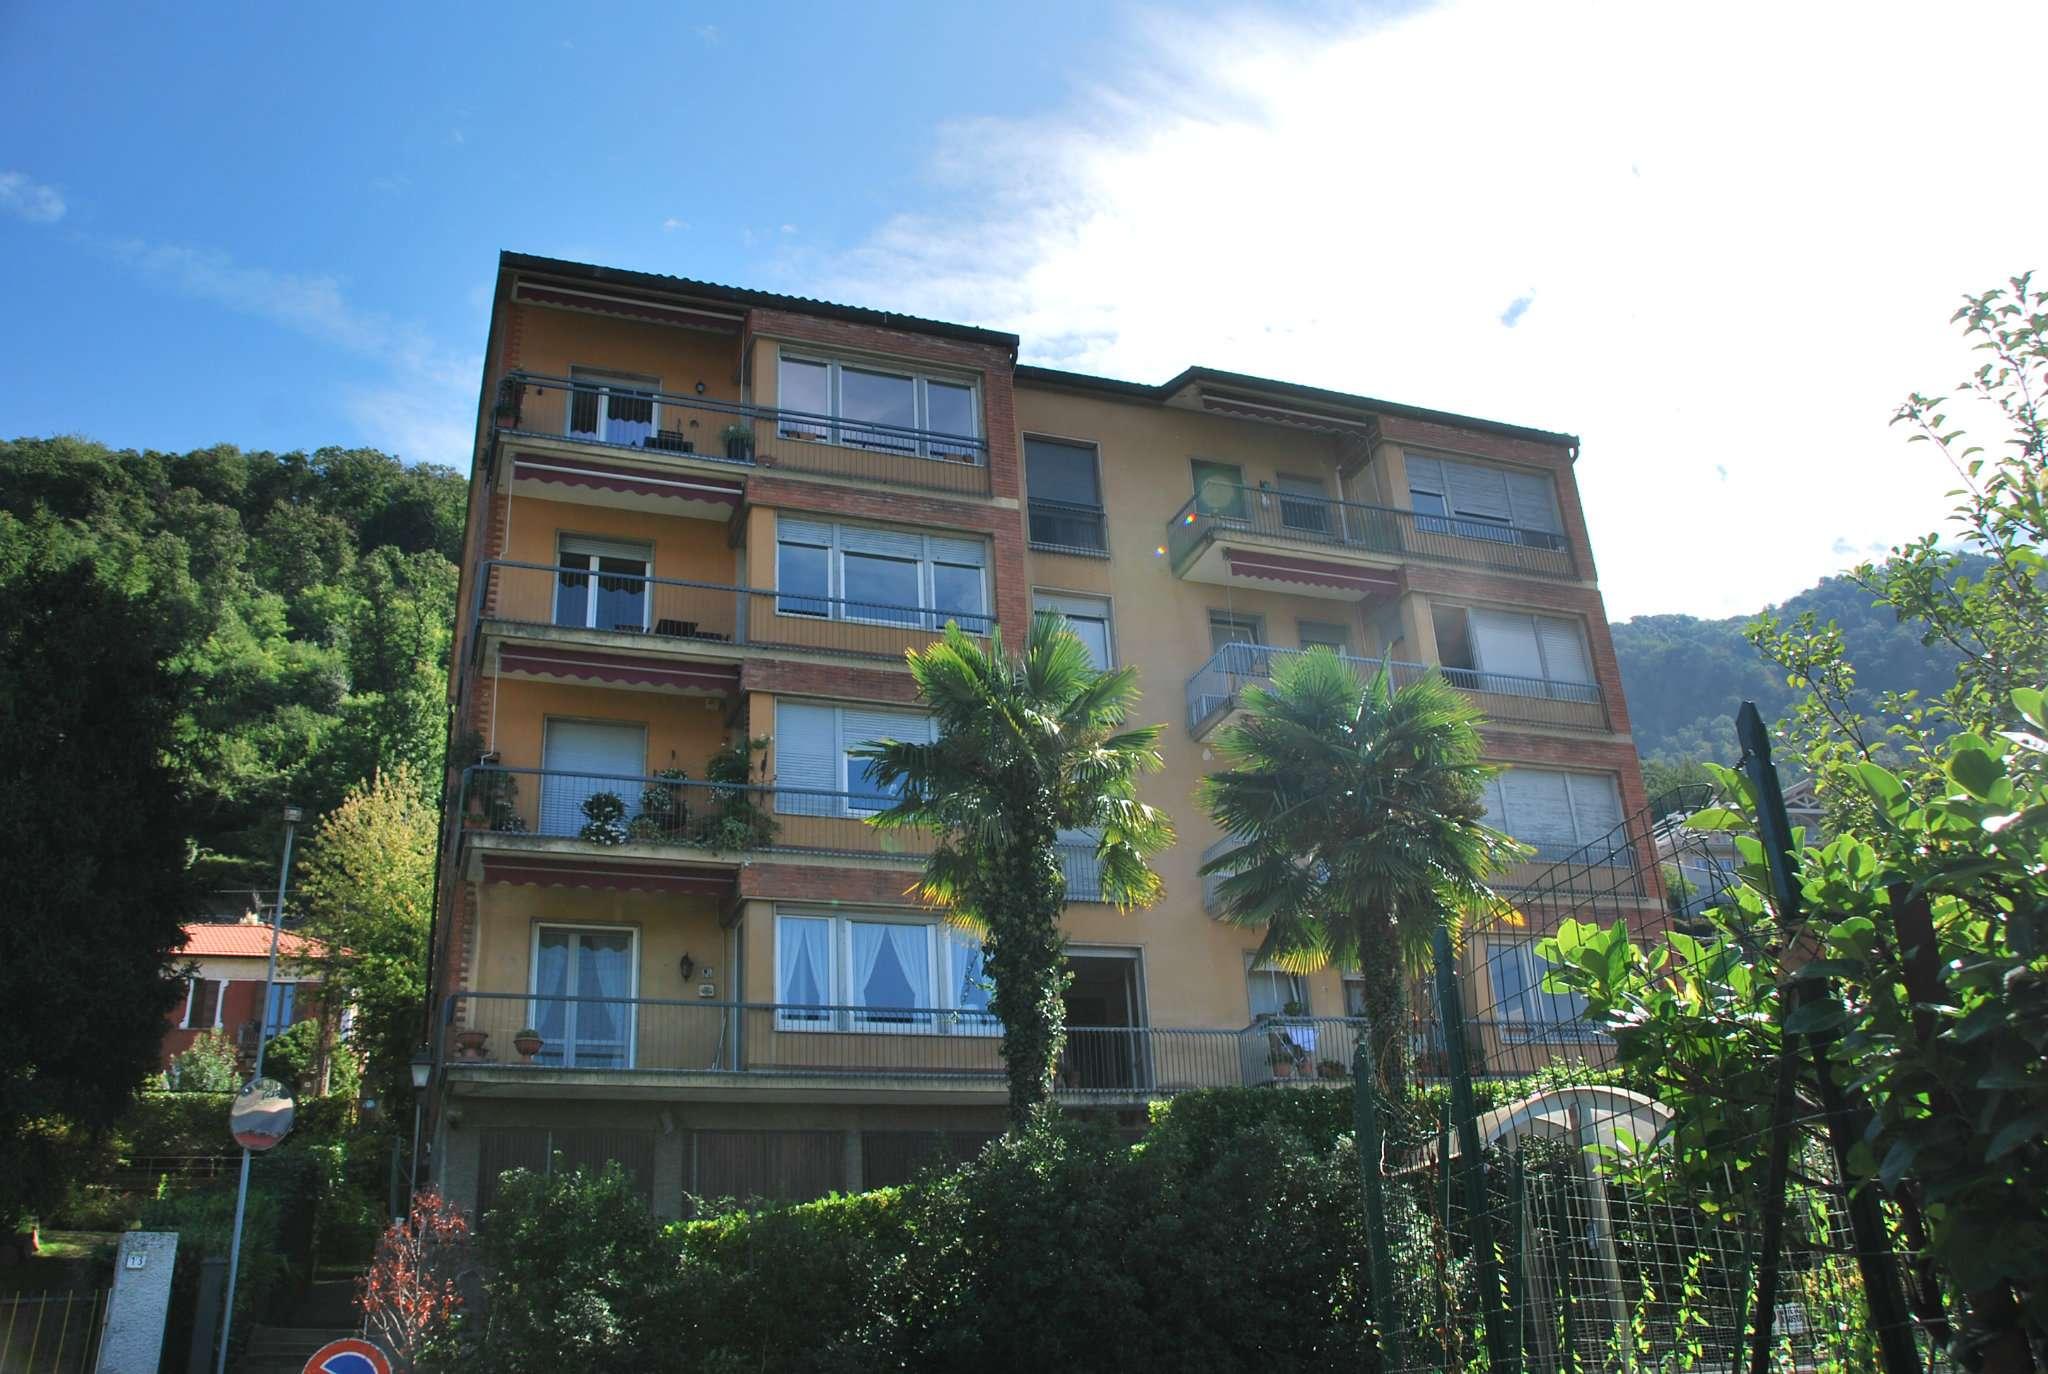 Appartamento in vendita a Laveno-Mombello, 3 locali, prezzo € 79.000 | PortaleAgenzieImmobiliari.it